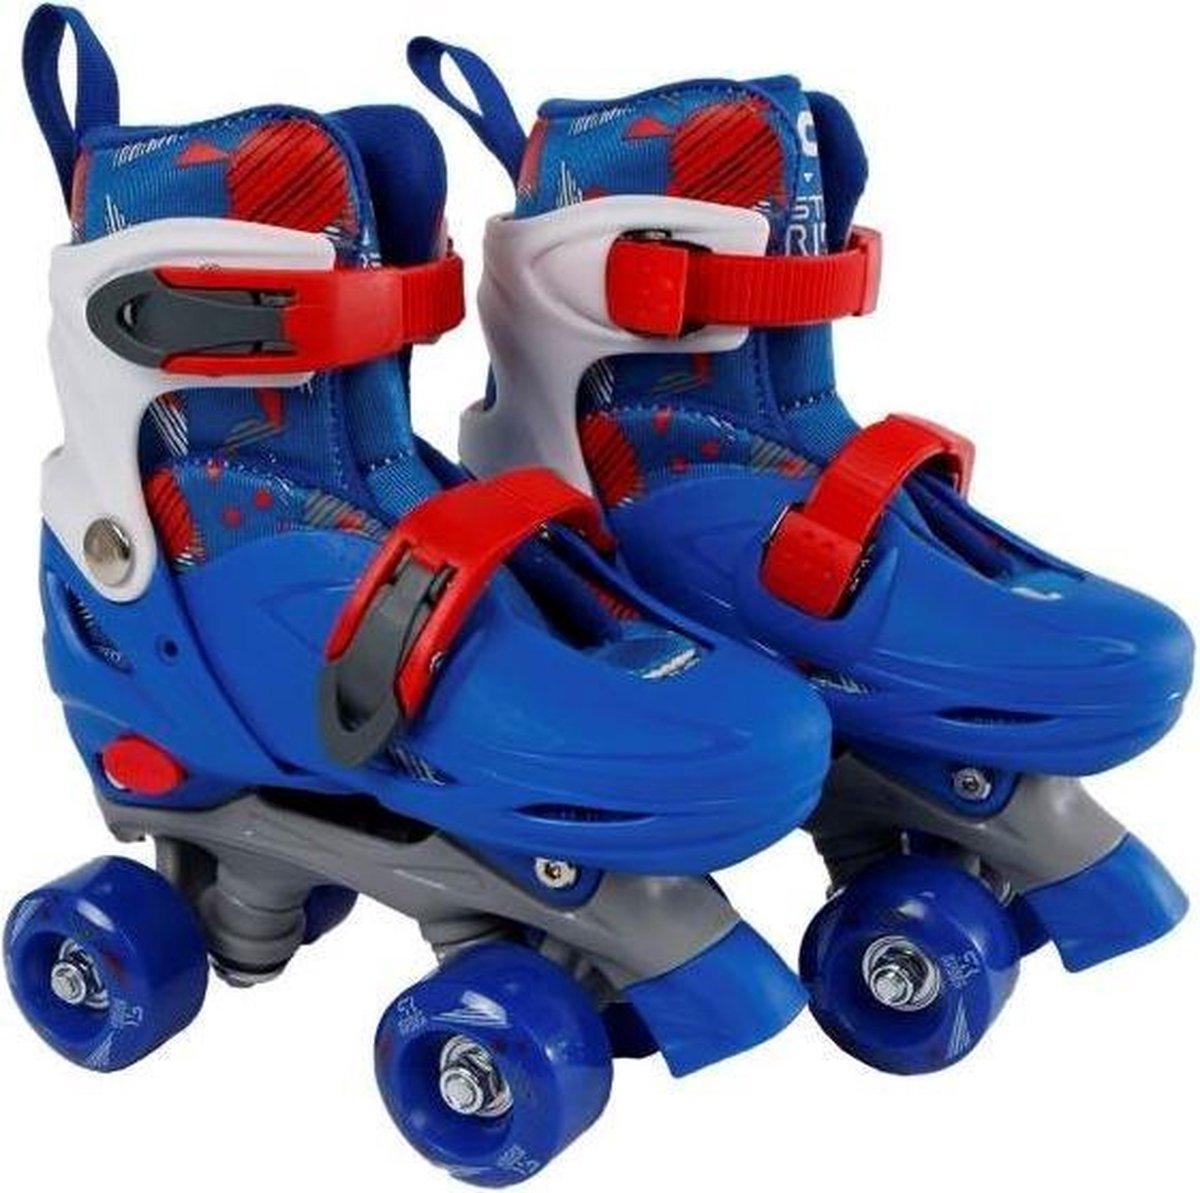 Rolschaatsen Jongens Verstelbaar 27-30 Blauw - Rolschaatsen Kinderen